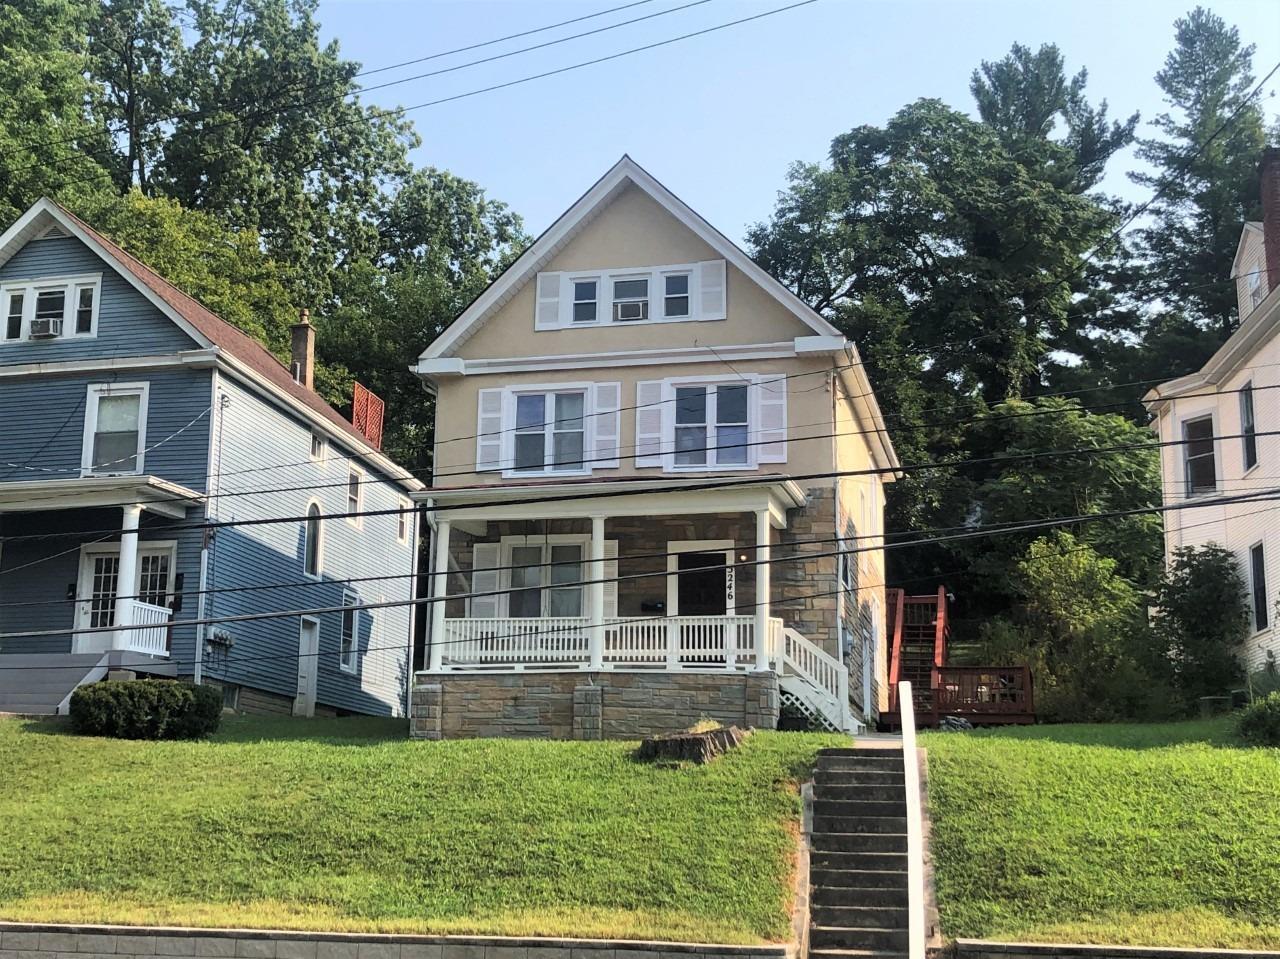 Property for sale at 3246 Linwood Avenue, Cincinnati,  Ohio 45226